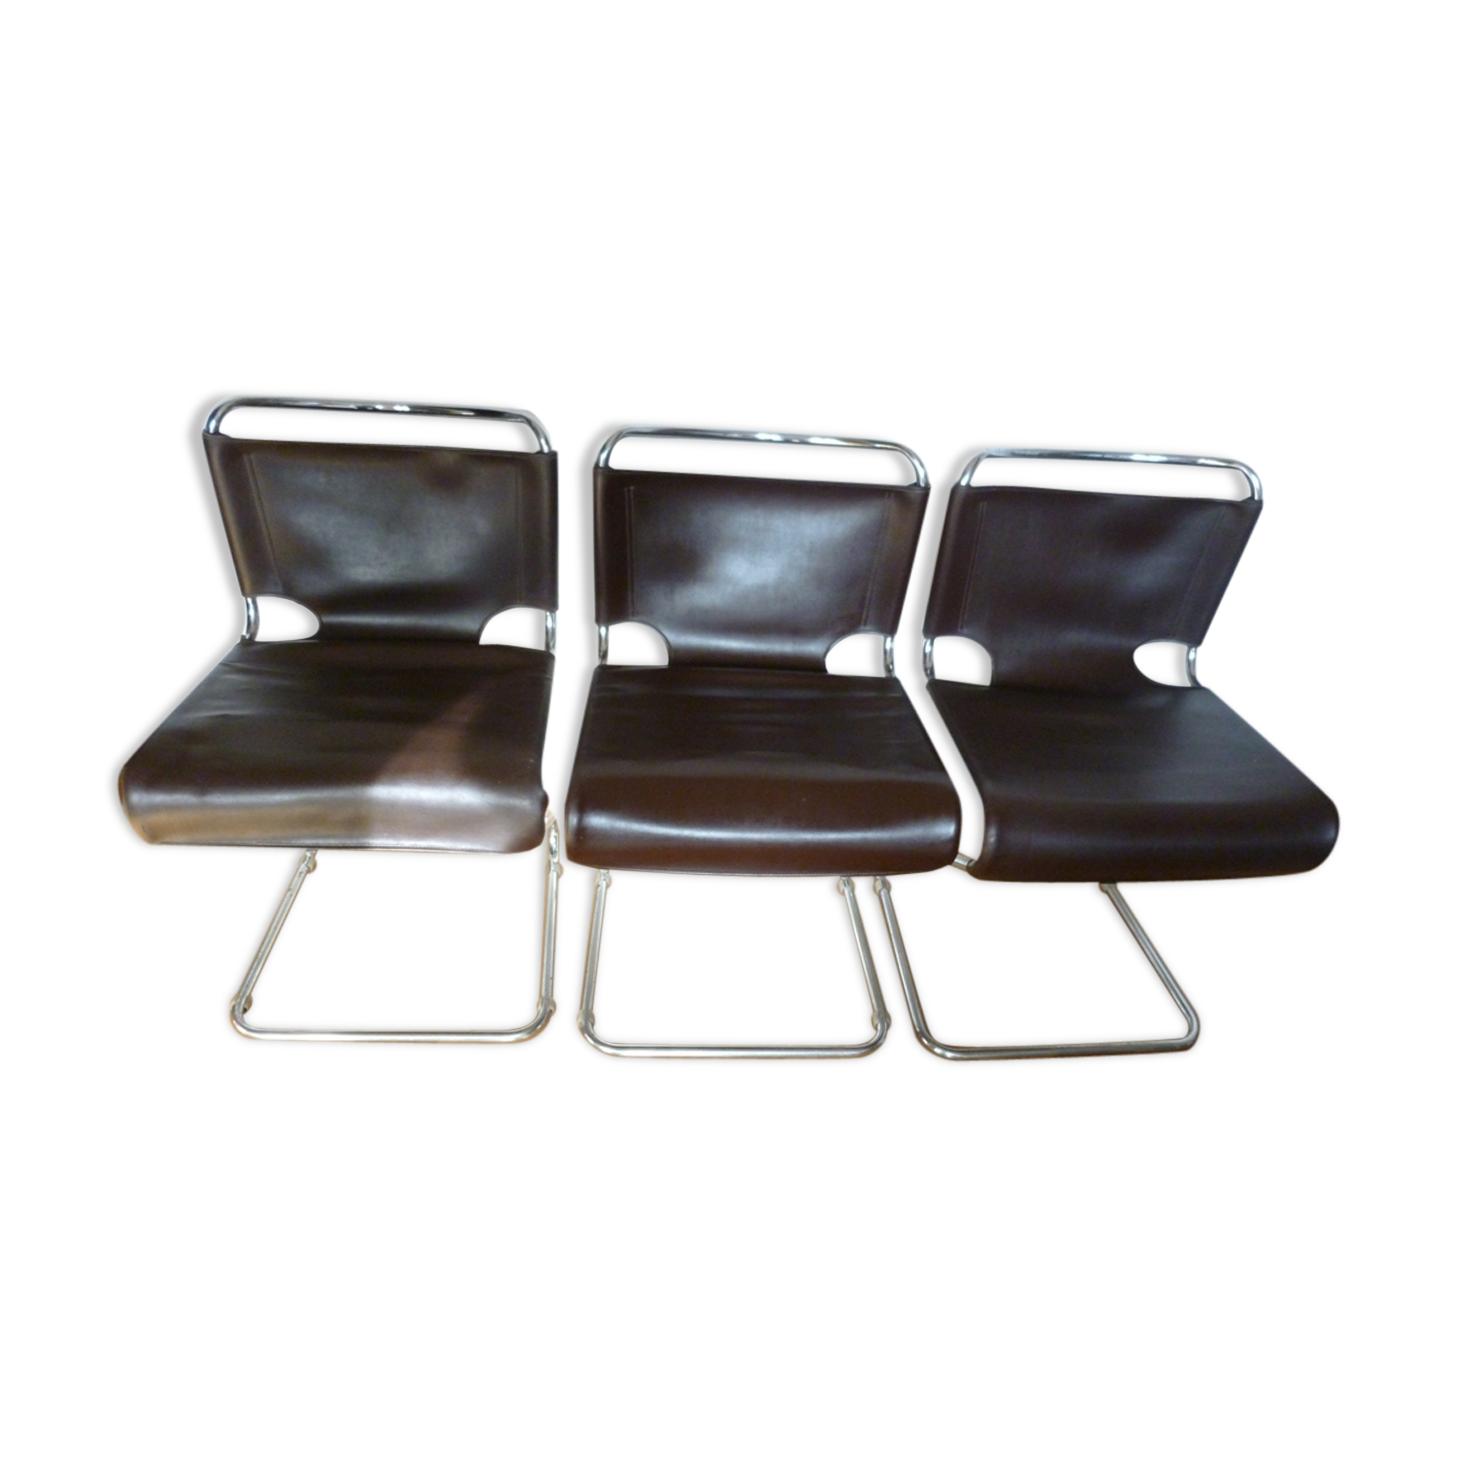 3 chaises en cuir Pascal Mourgue 1960